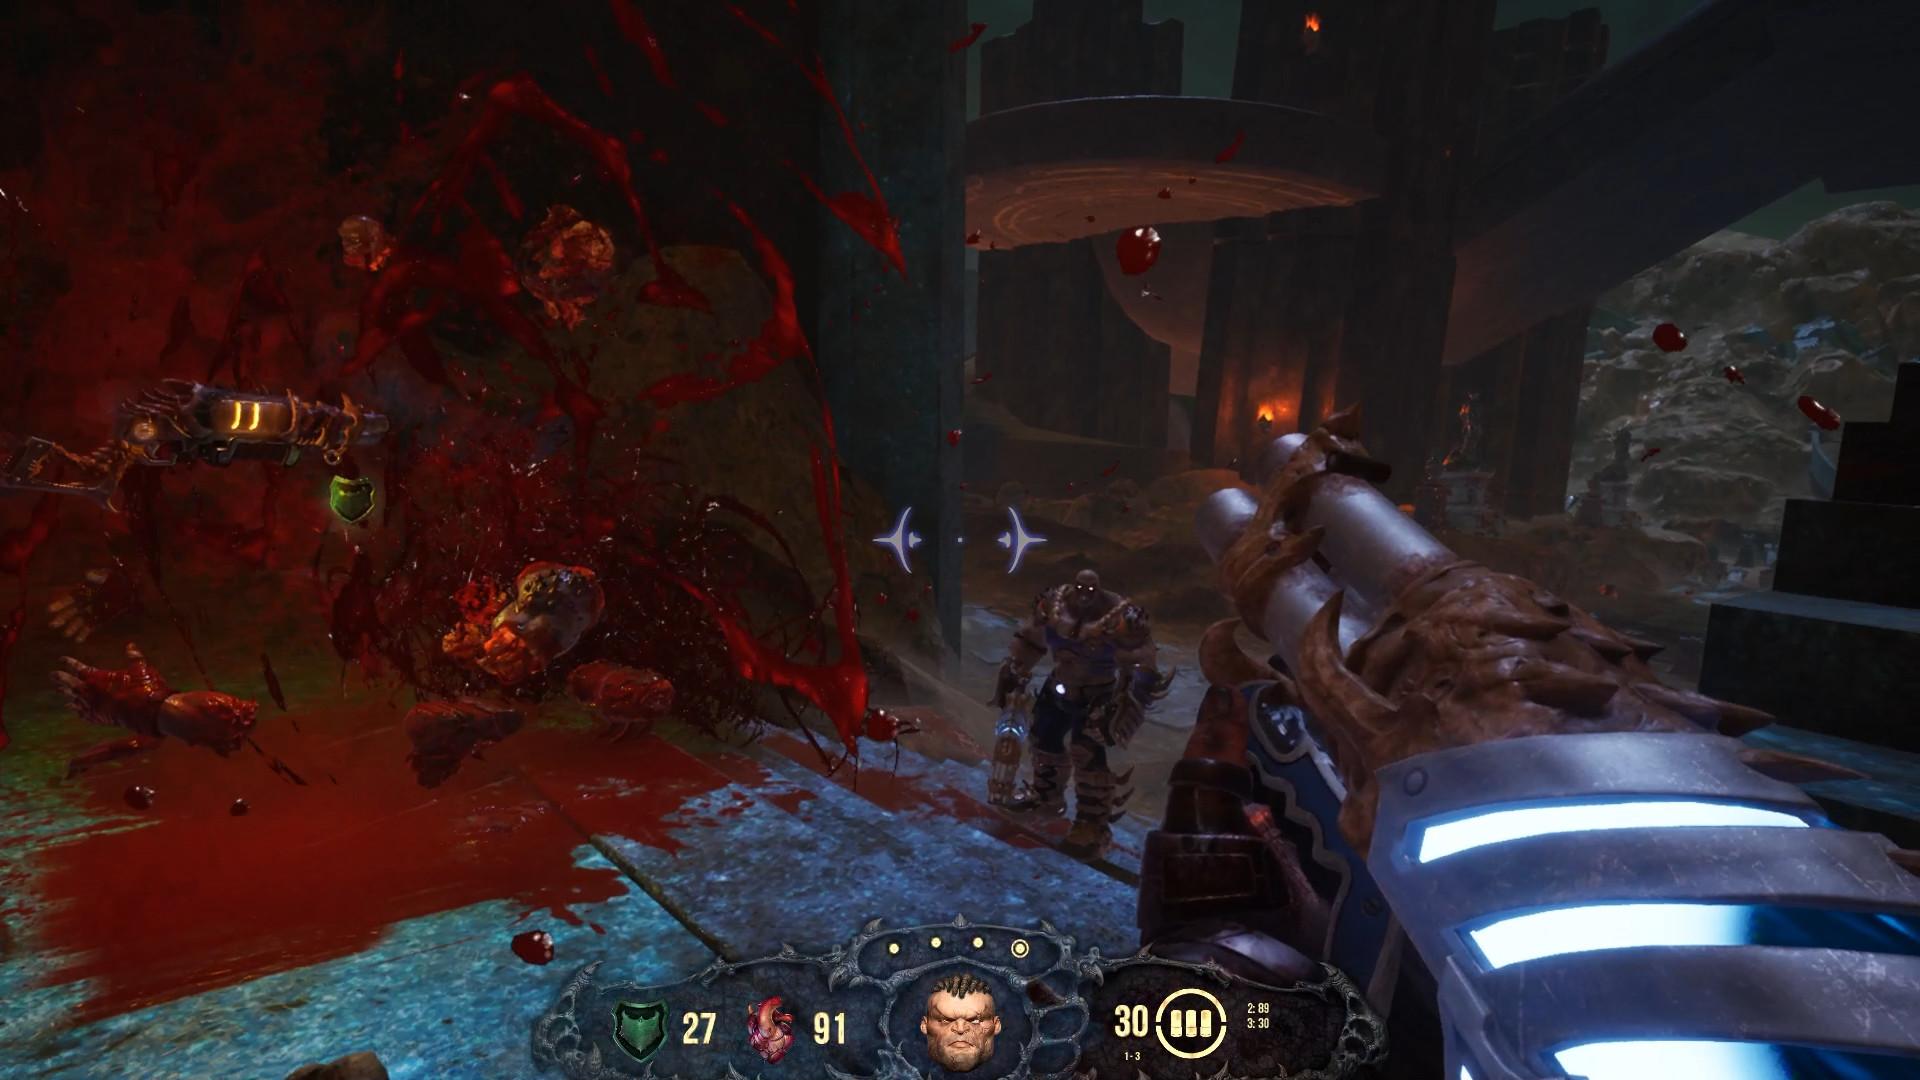 hellbound-pc-screenshot-01